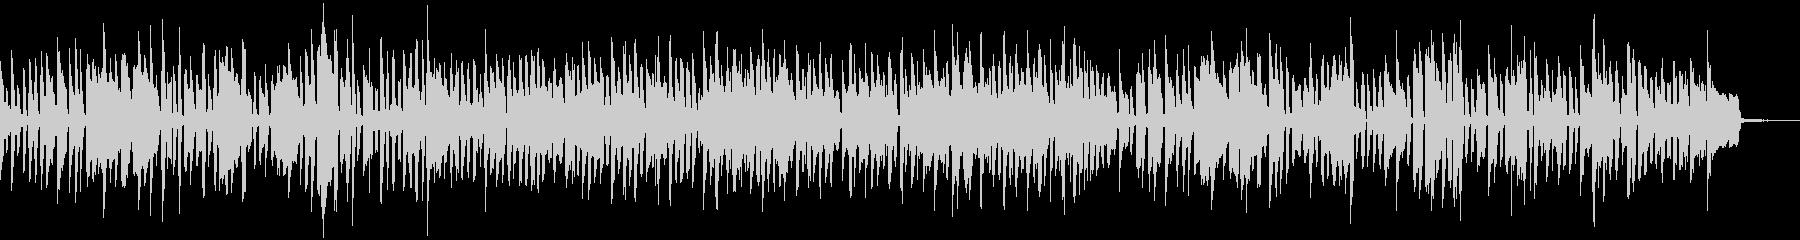 オルガンによるロック調のブルースの未再生の波形